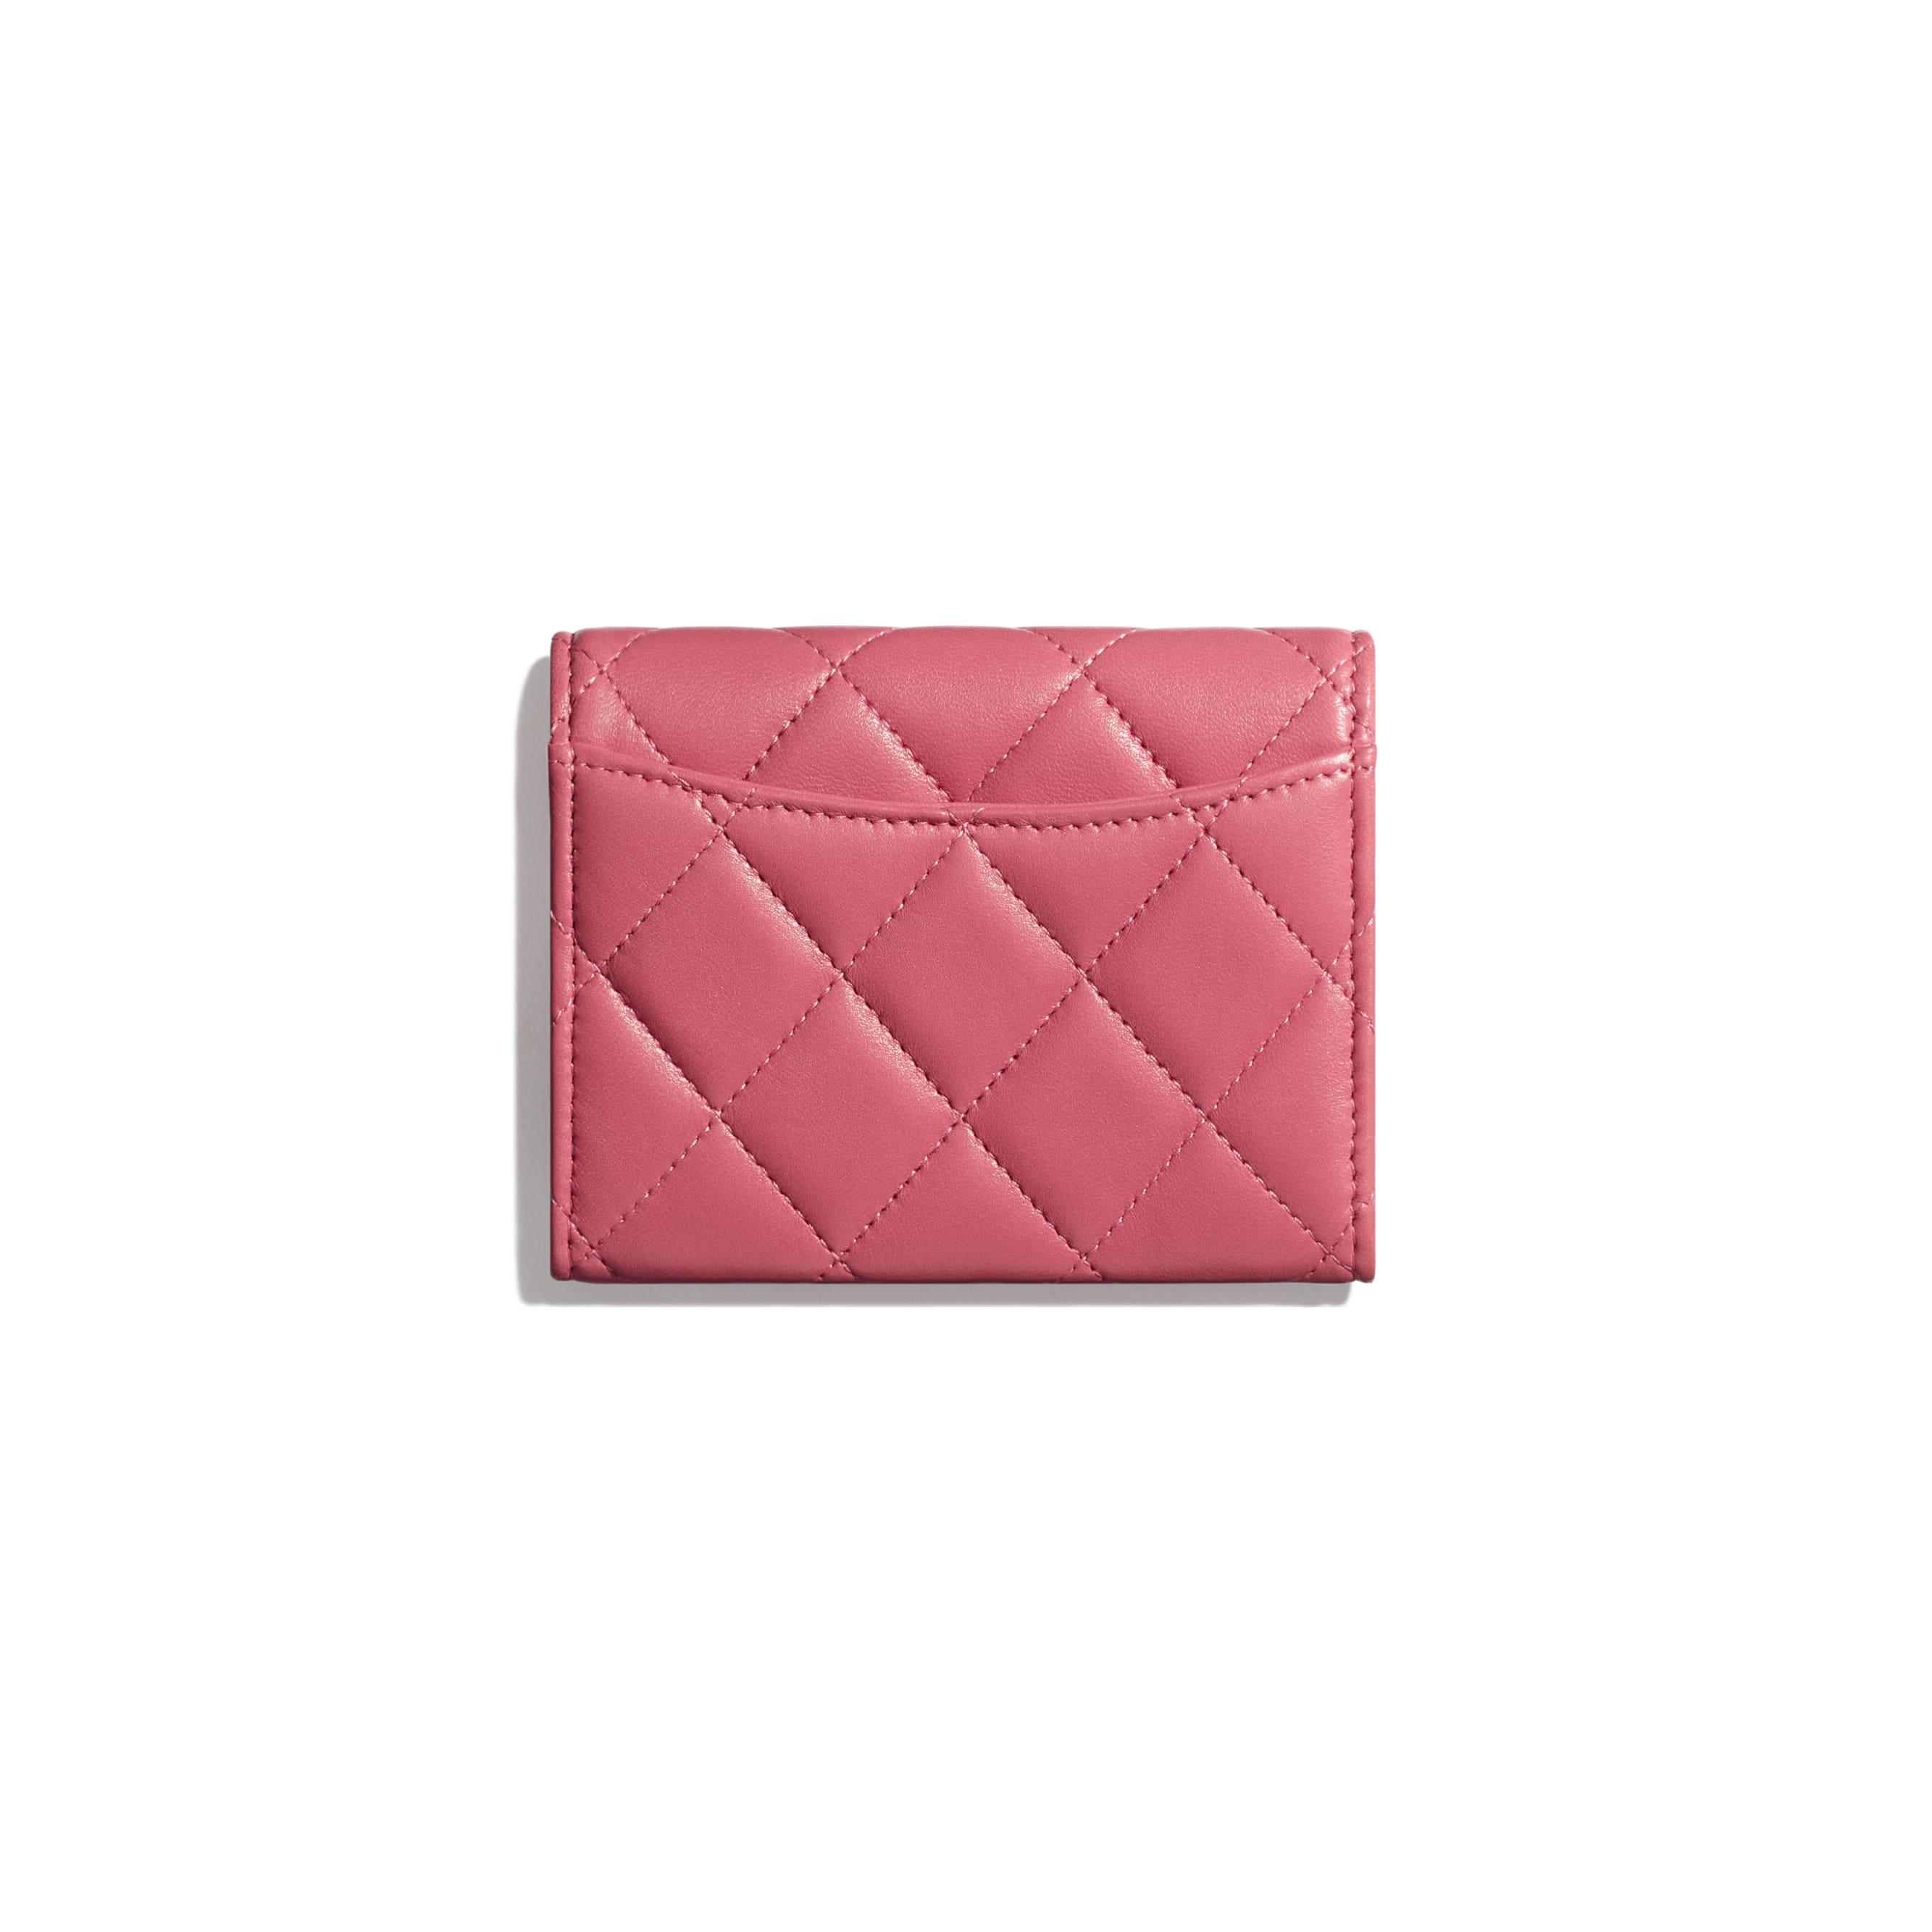 Klassisches Portemonnaie mit Patte - Rosa - Lammleder & silberfarbenes Metall - Alternative Ansicht - Standardgröße anzeigen